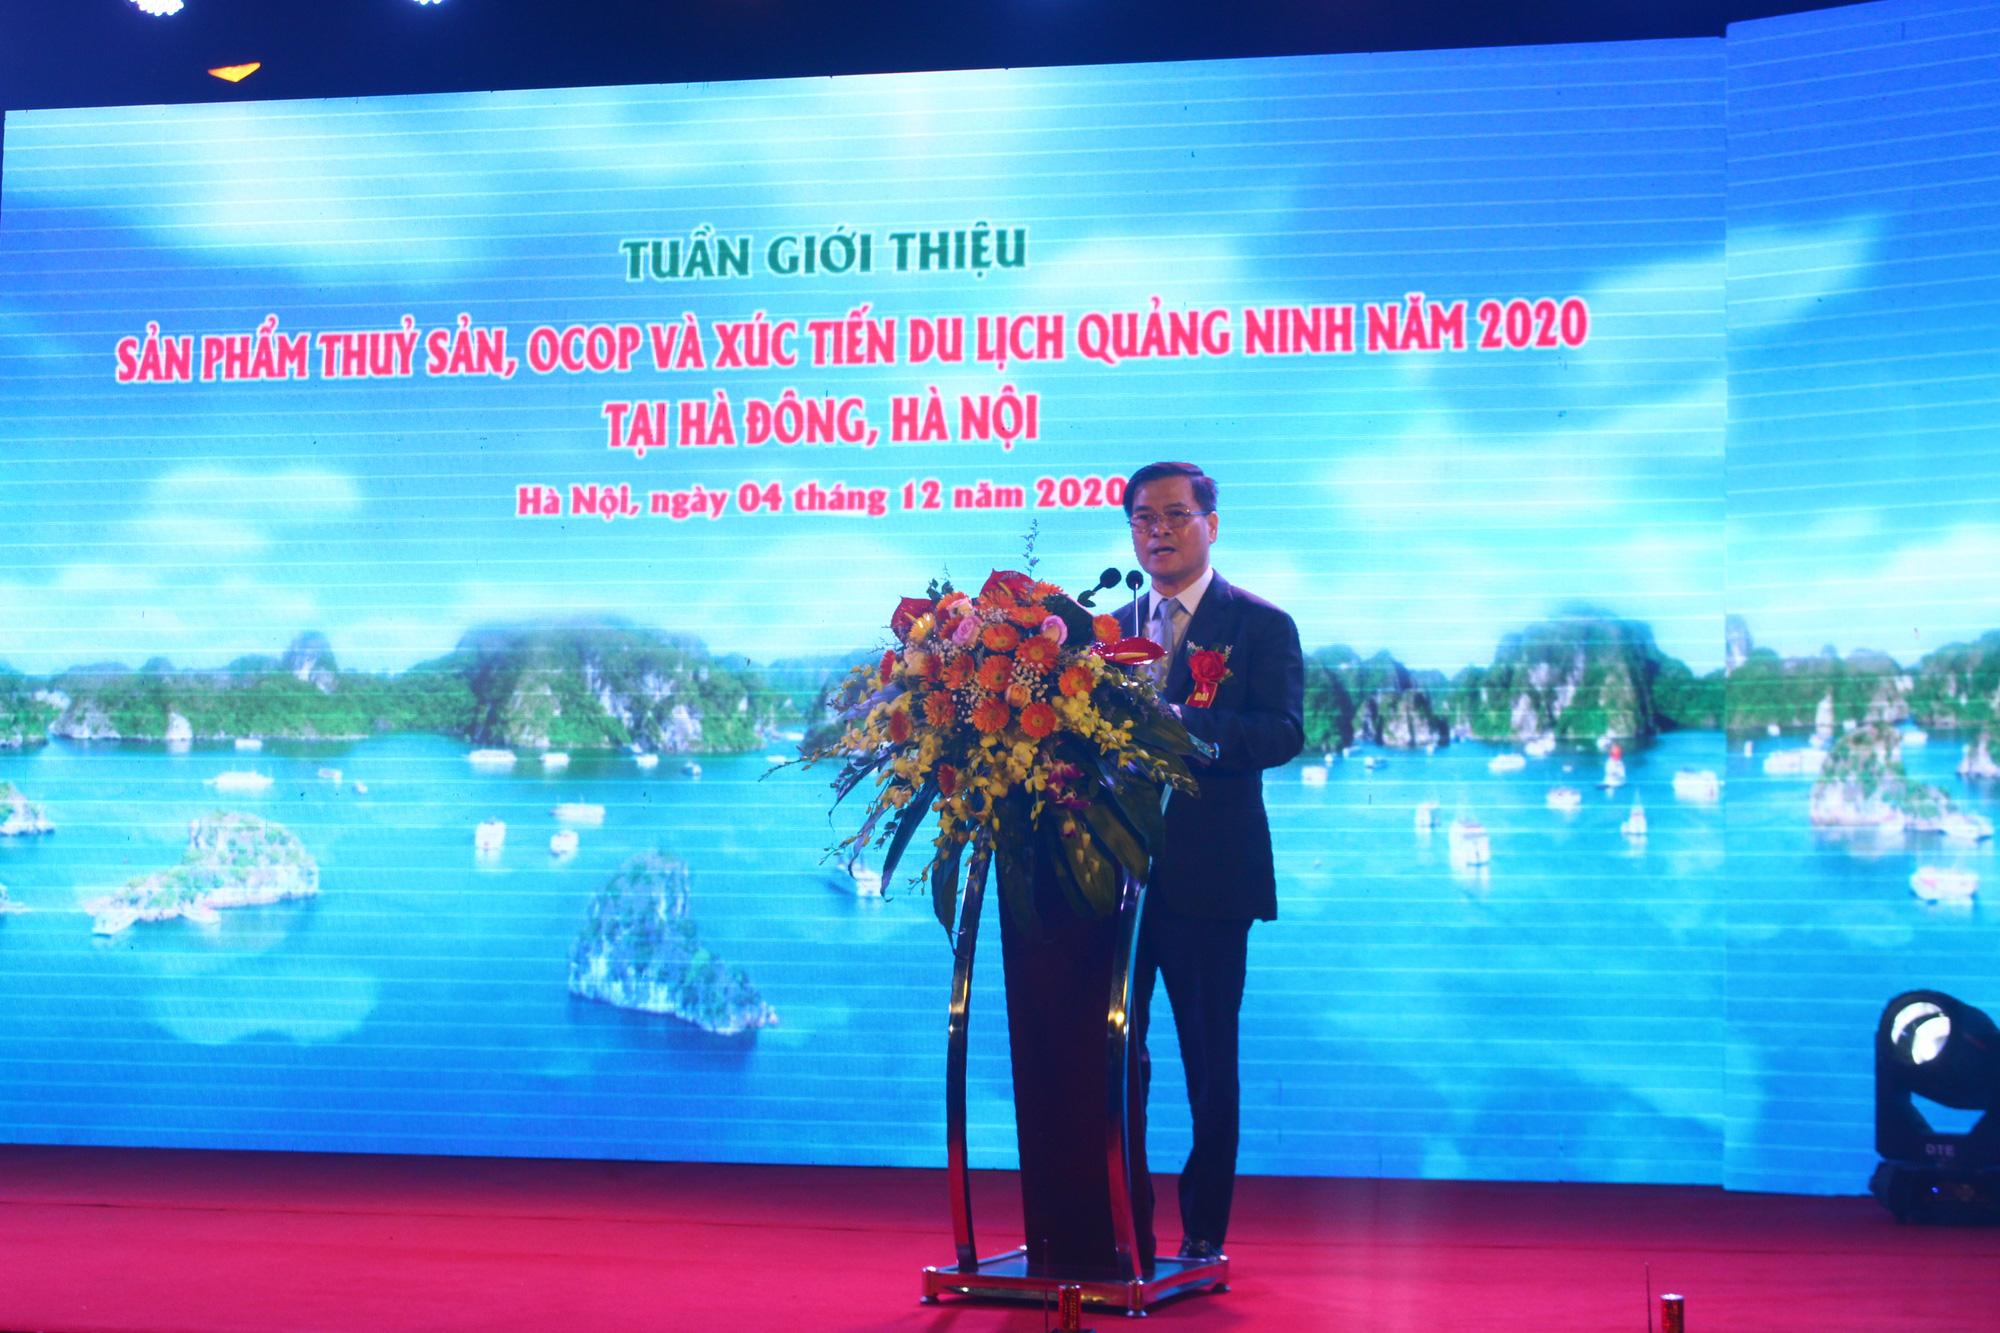 Hàng trăm đặc sản Quảng Ninh bày bán ở Hà Nội, có nước mắm sá sùng- nước mắm của loại hải sản đắt như vàng - Ảnh 6.